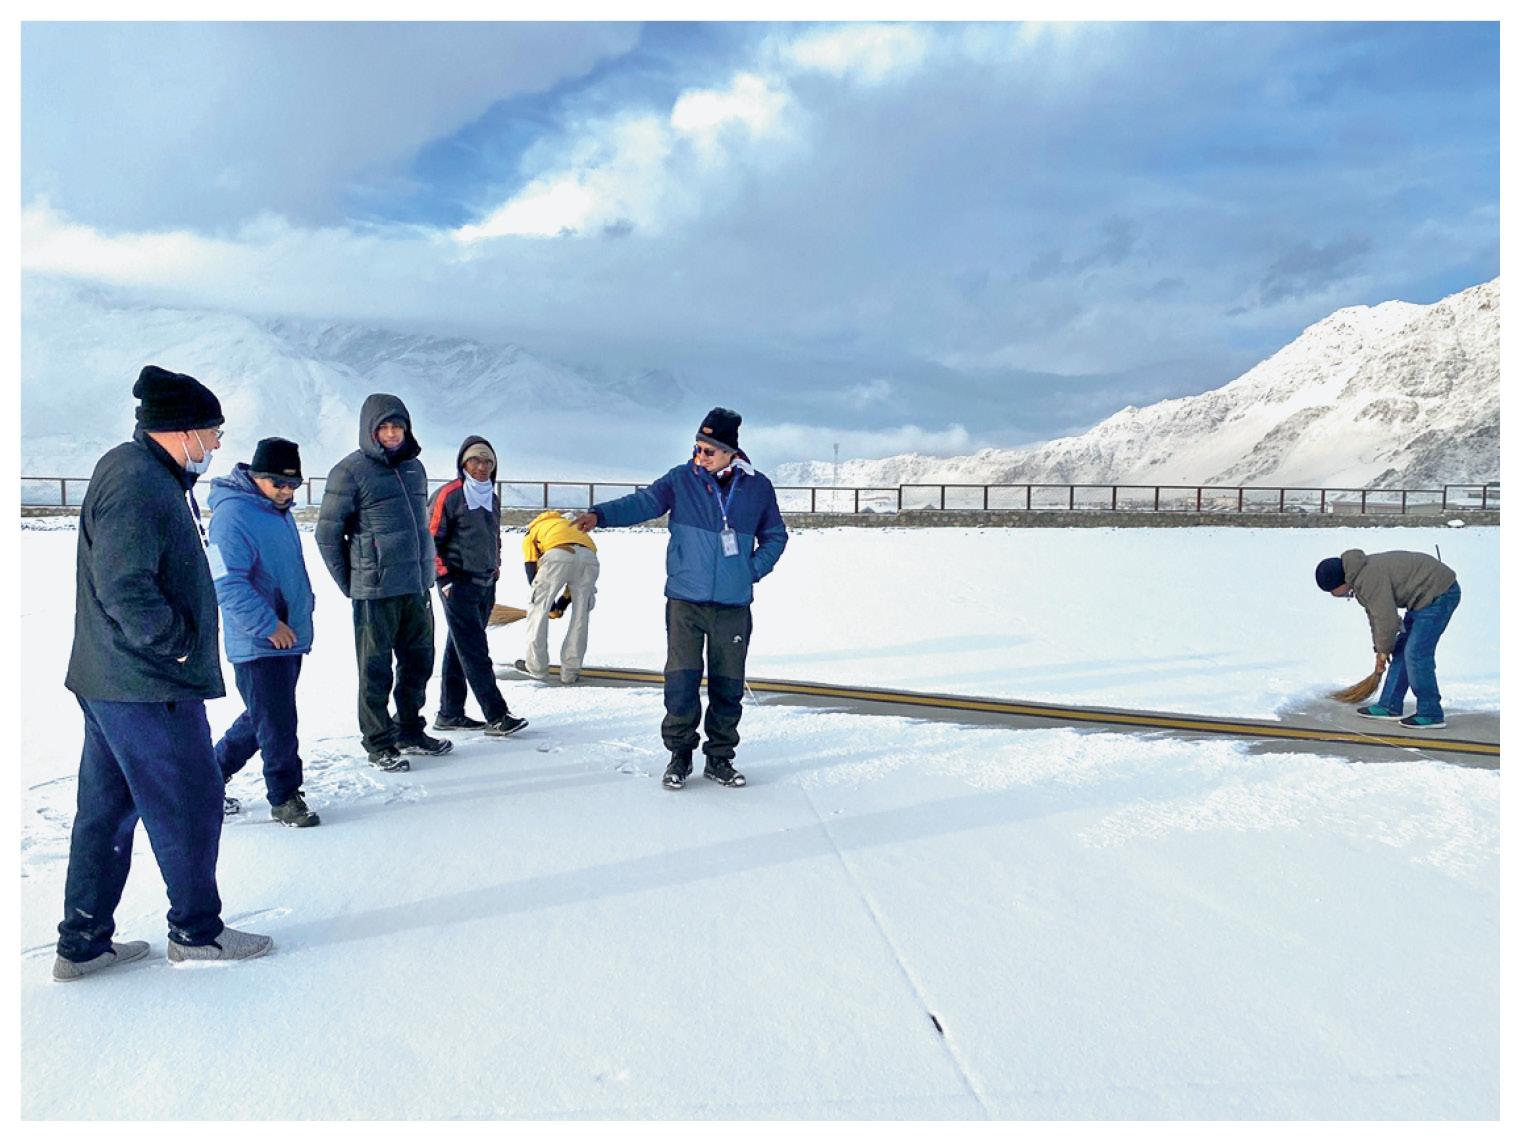 रनवे का जिम्मा वायुसेना के पास है और उनके पास बर्फ हटाने की मशीनें हैं, लेकिन मैनुअली बर्फ हटाने से संचालन में बाधा नहीं आती।